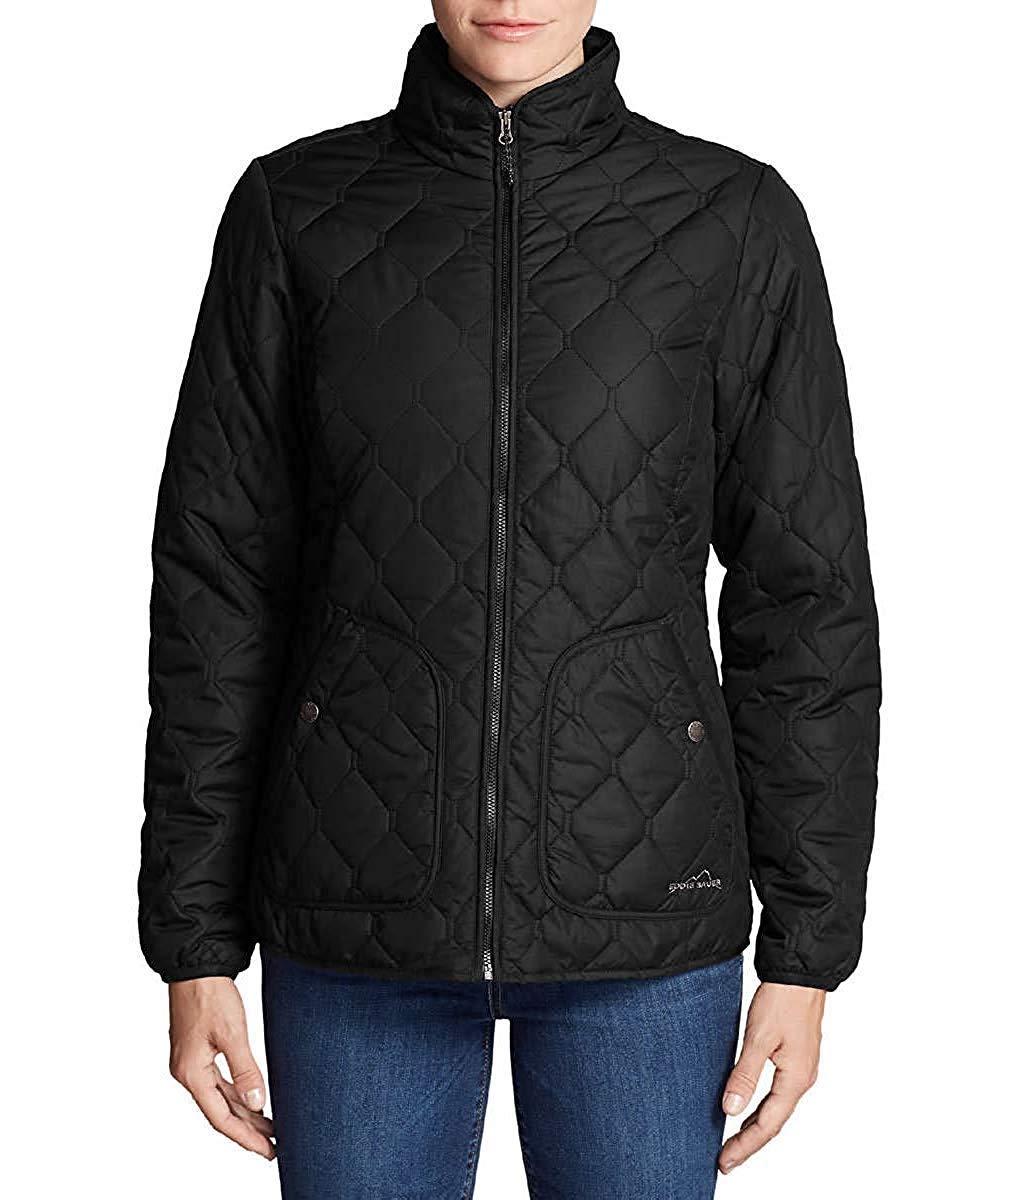 Eddie Bauer Women's Year Round Quilted Field Jacket (Black, Large) by Eddie Bauer